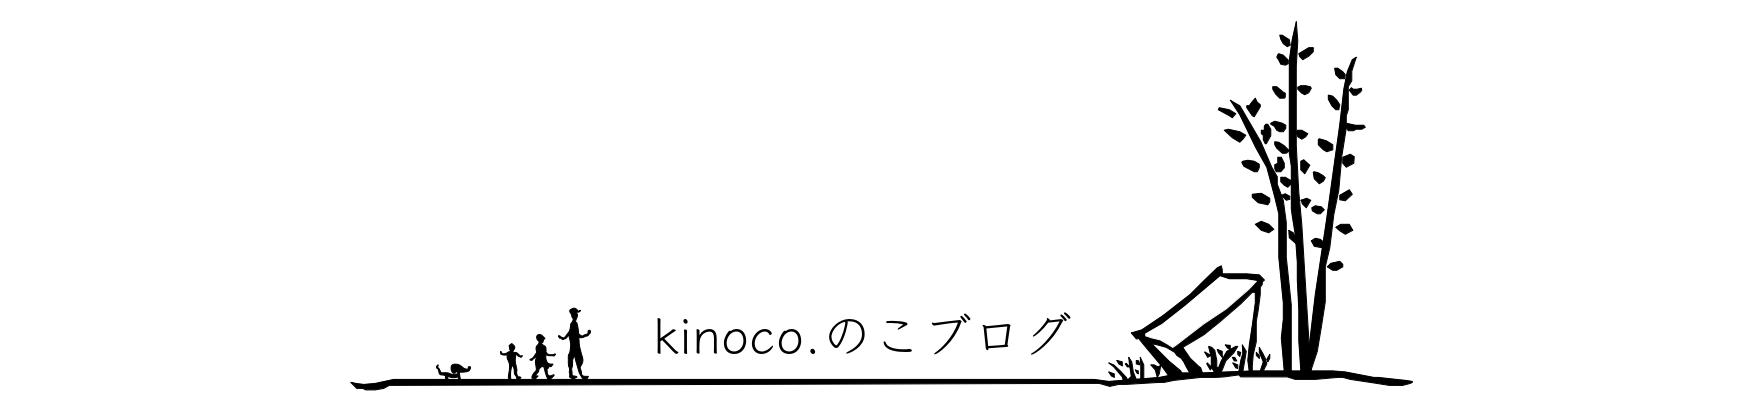 |大地の鼓動を感じる空間kinoco.(キノコ)